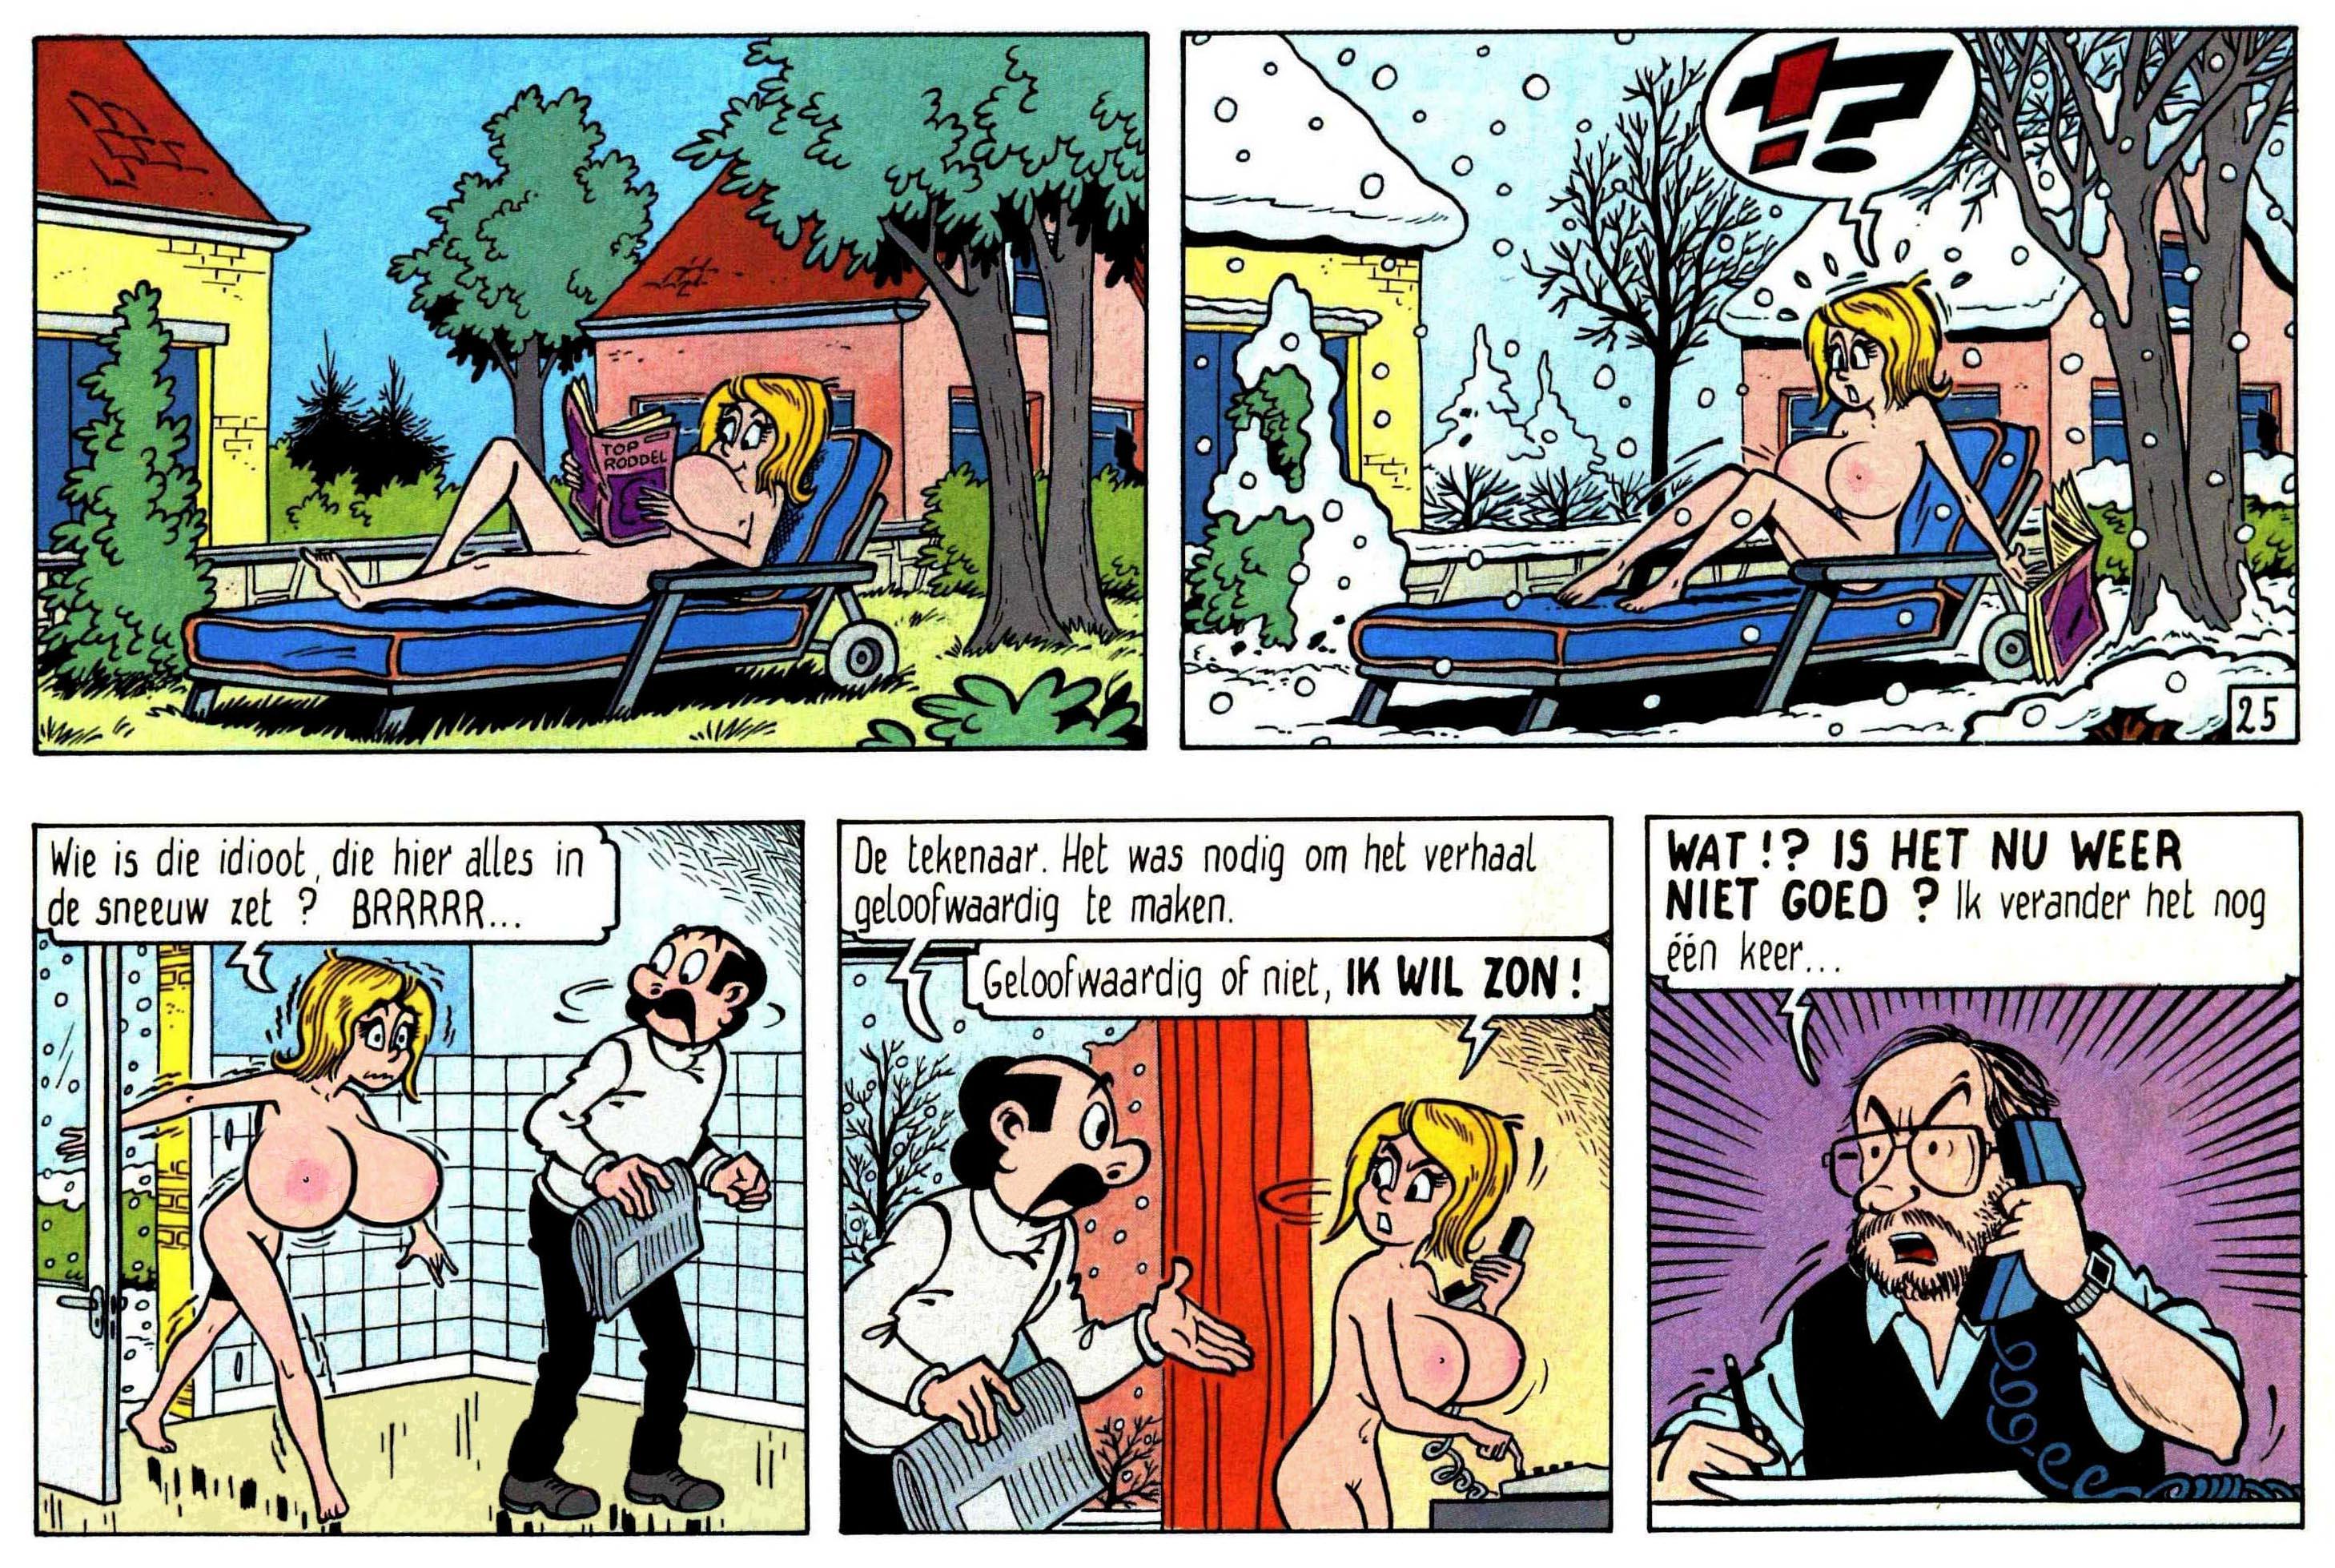 Kiekeboe - Album 26 (Het tepeltafereel) - Nasty Comics